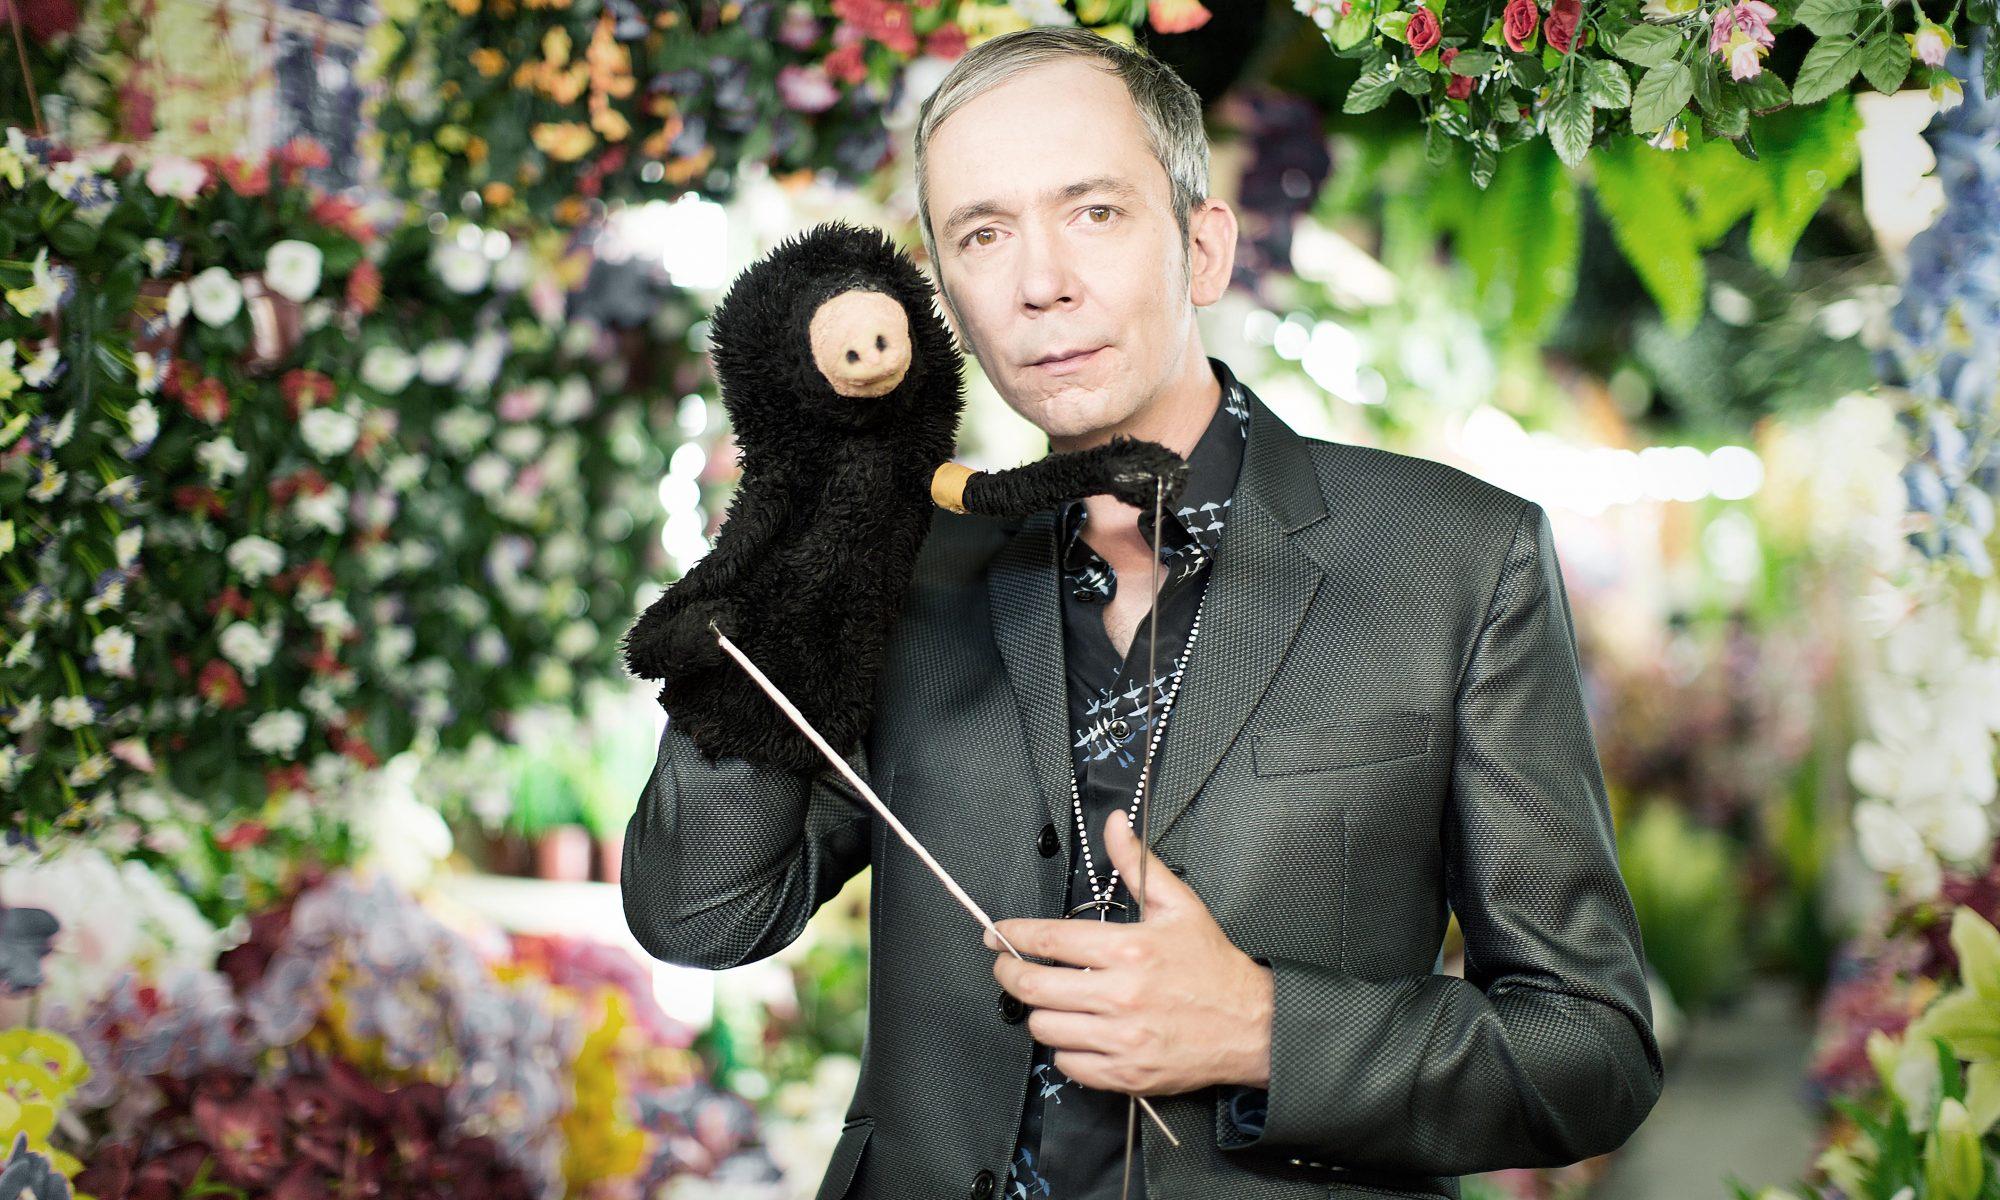 """Jetzt Tickets für das erste ComedyArts Special 2017 sichern: René Marik: """"ZeHage! Best of plus x"""""""